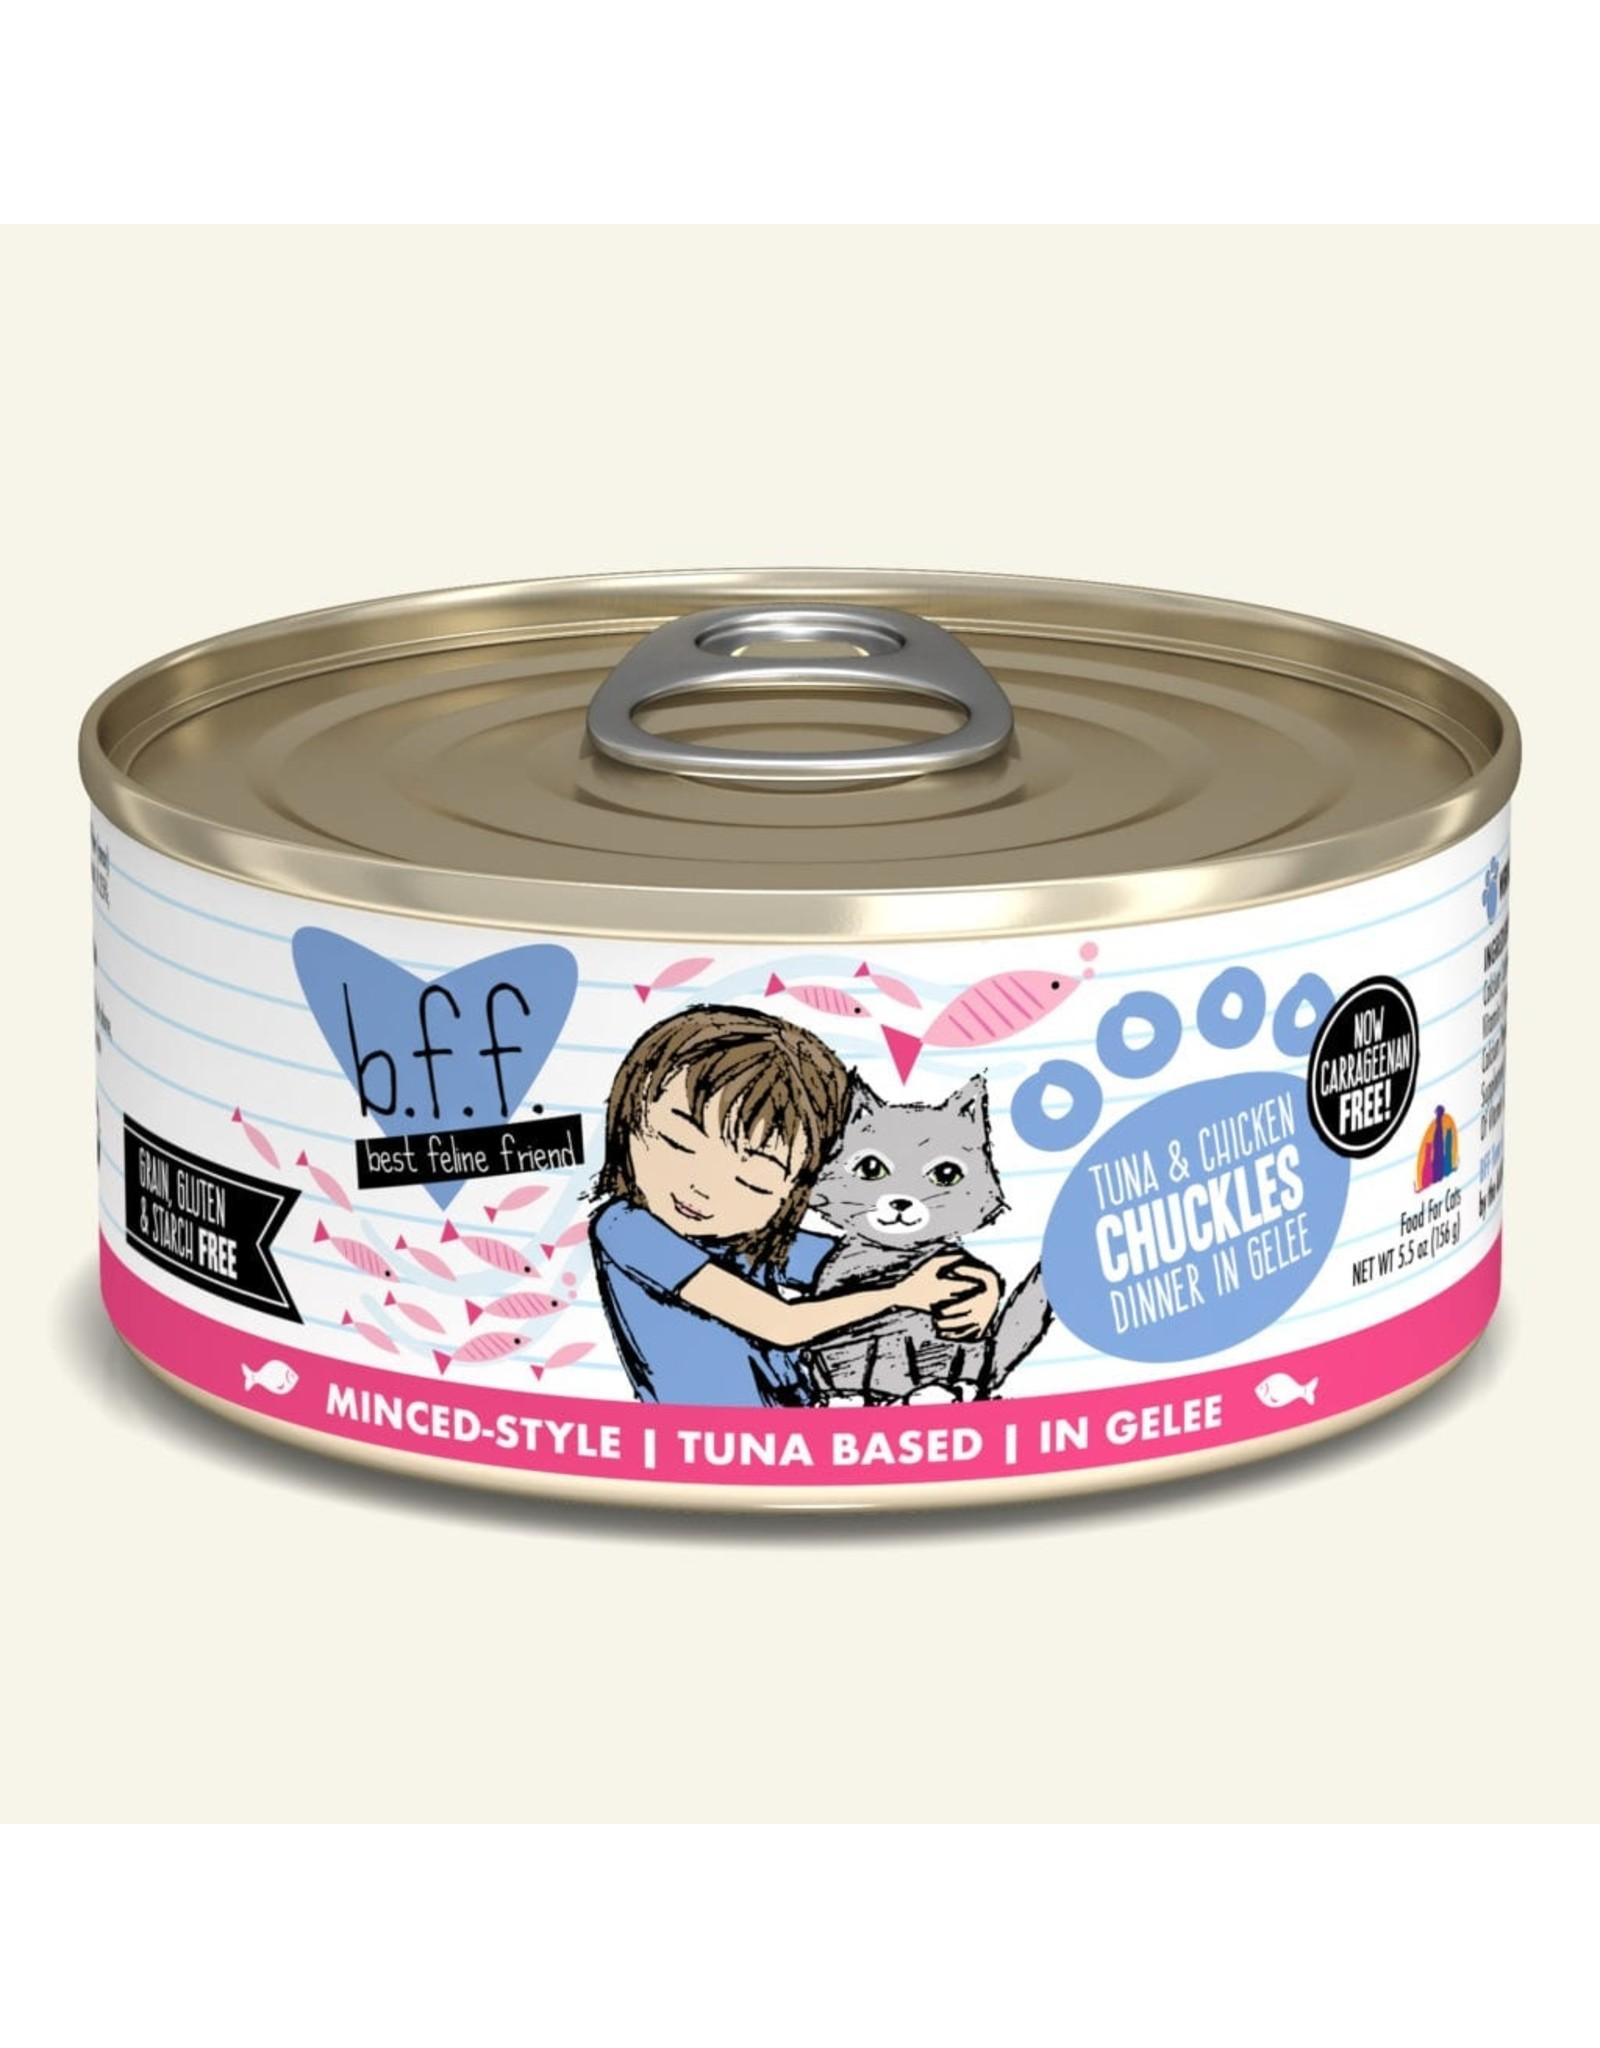 Weruva BFF Weruva B.F.F. Best Feline Friend Originals Wet Cat Food Chuckles Tuna & Chicken Dinner in Gelée 5.5oz Can